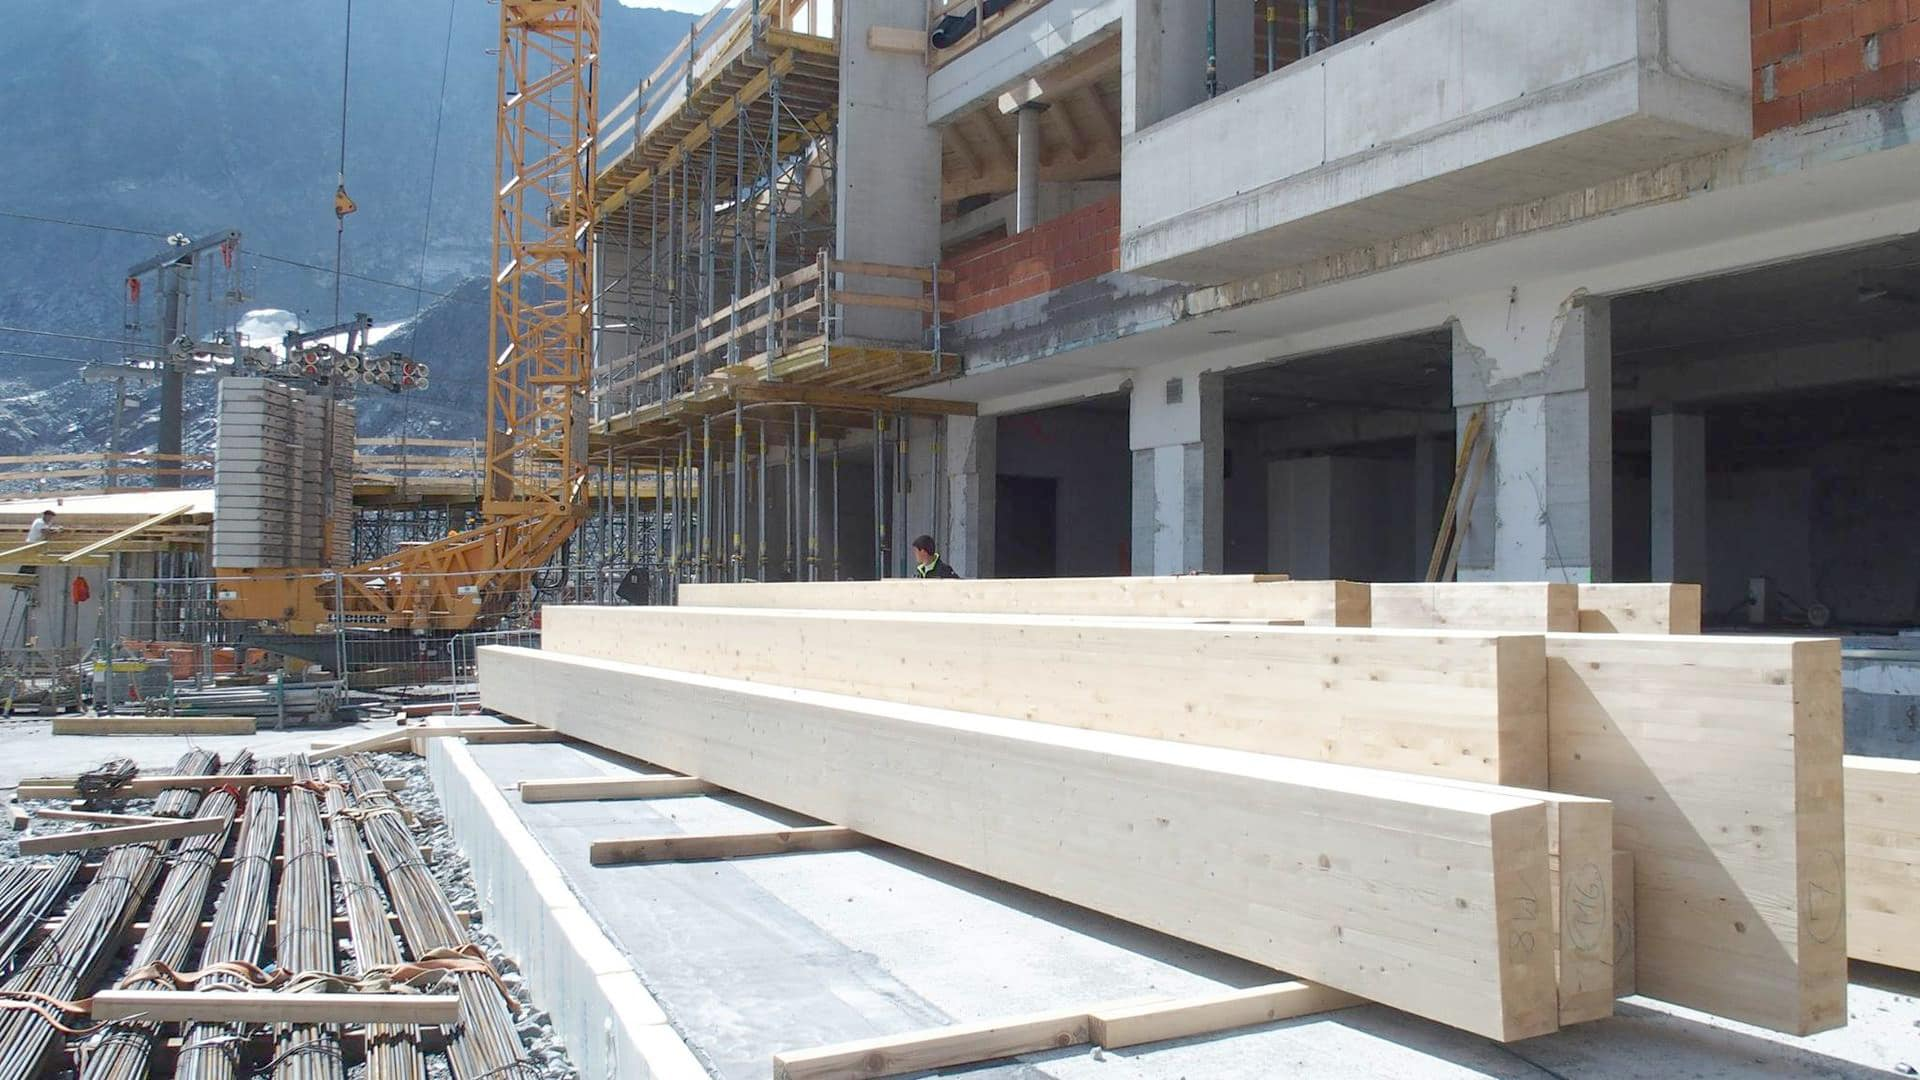 Construtora-Naves-Armacao-de-Concreto-Reforcado-03